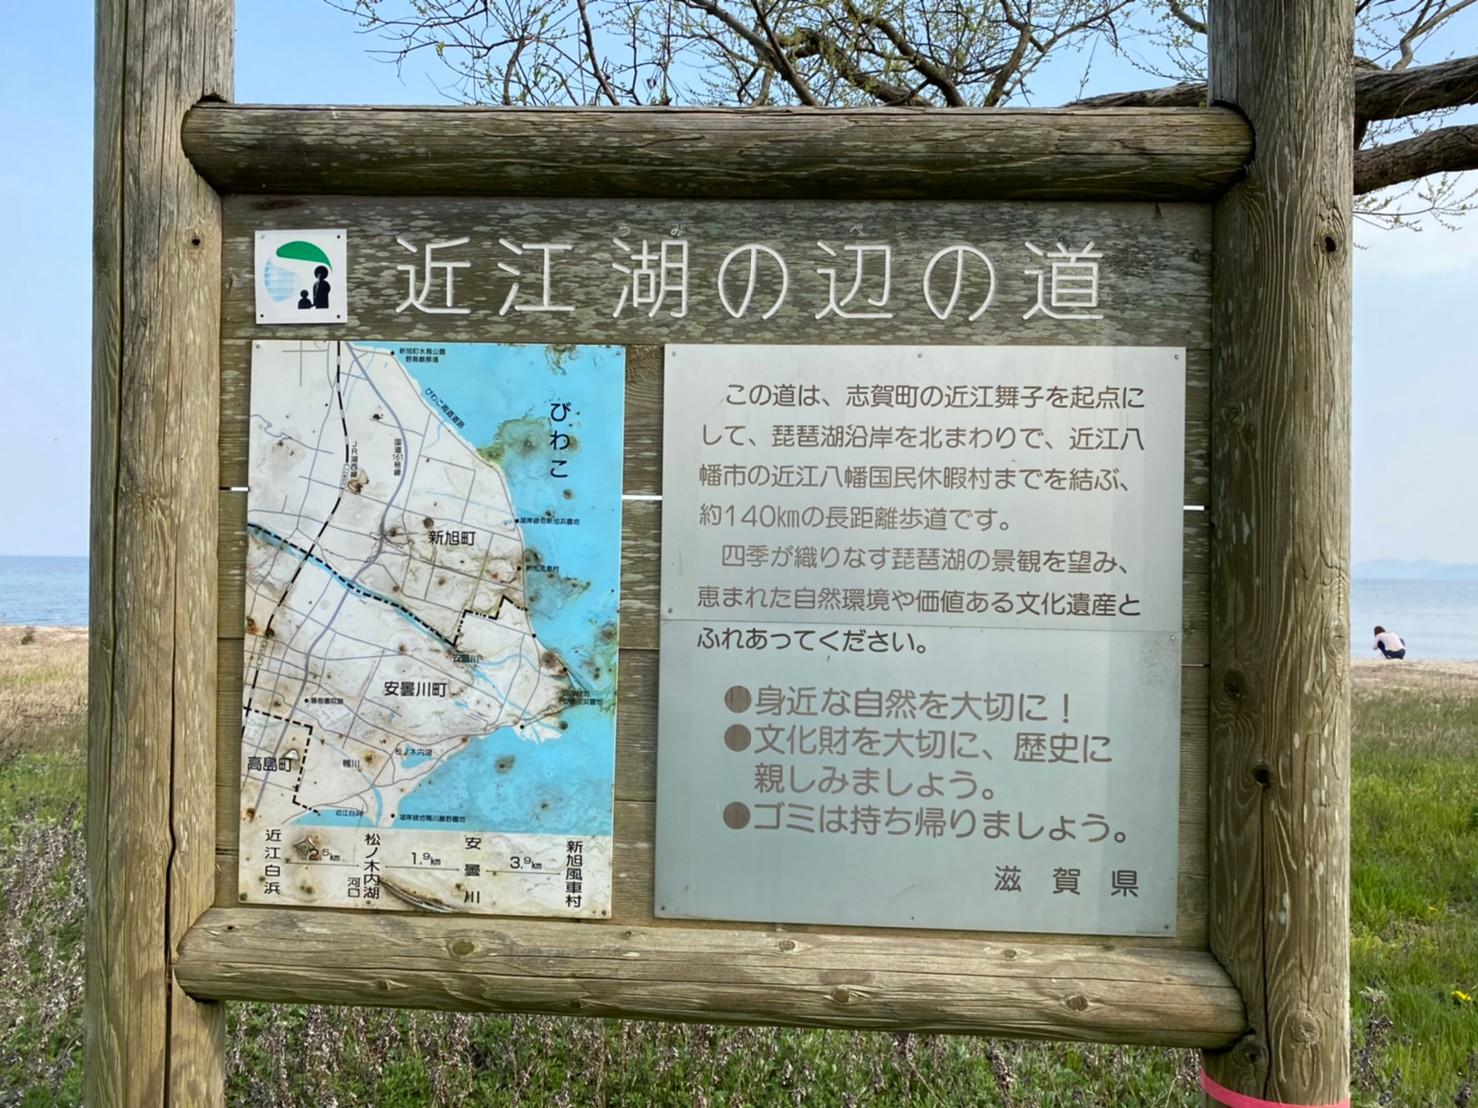 【高島市】『鴨川勝野園地』のアウトドア情報(駐車場・トイレ・釣り)